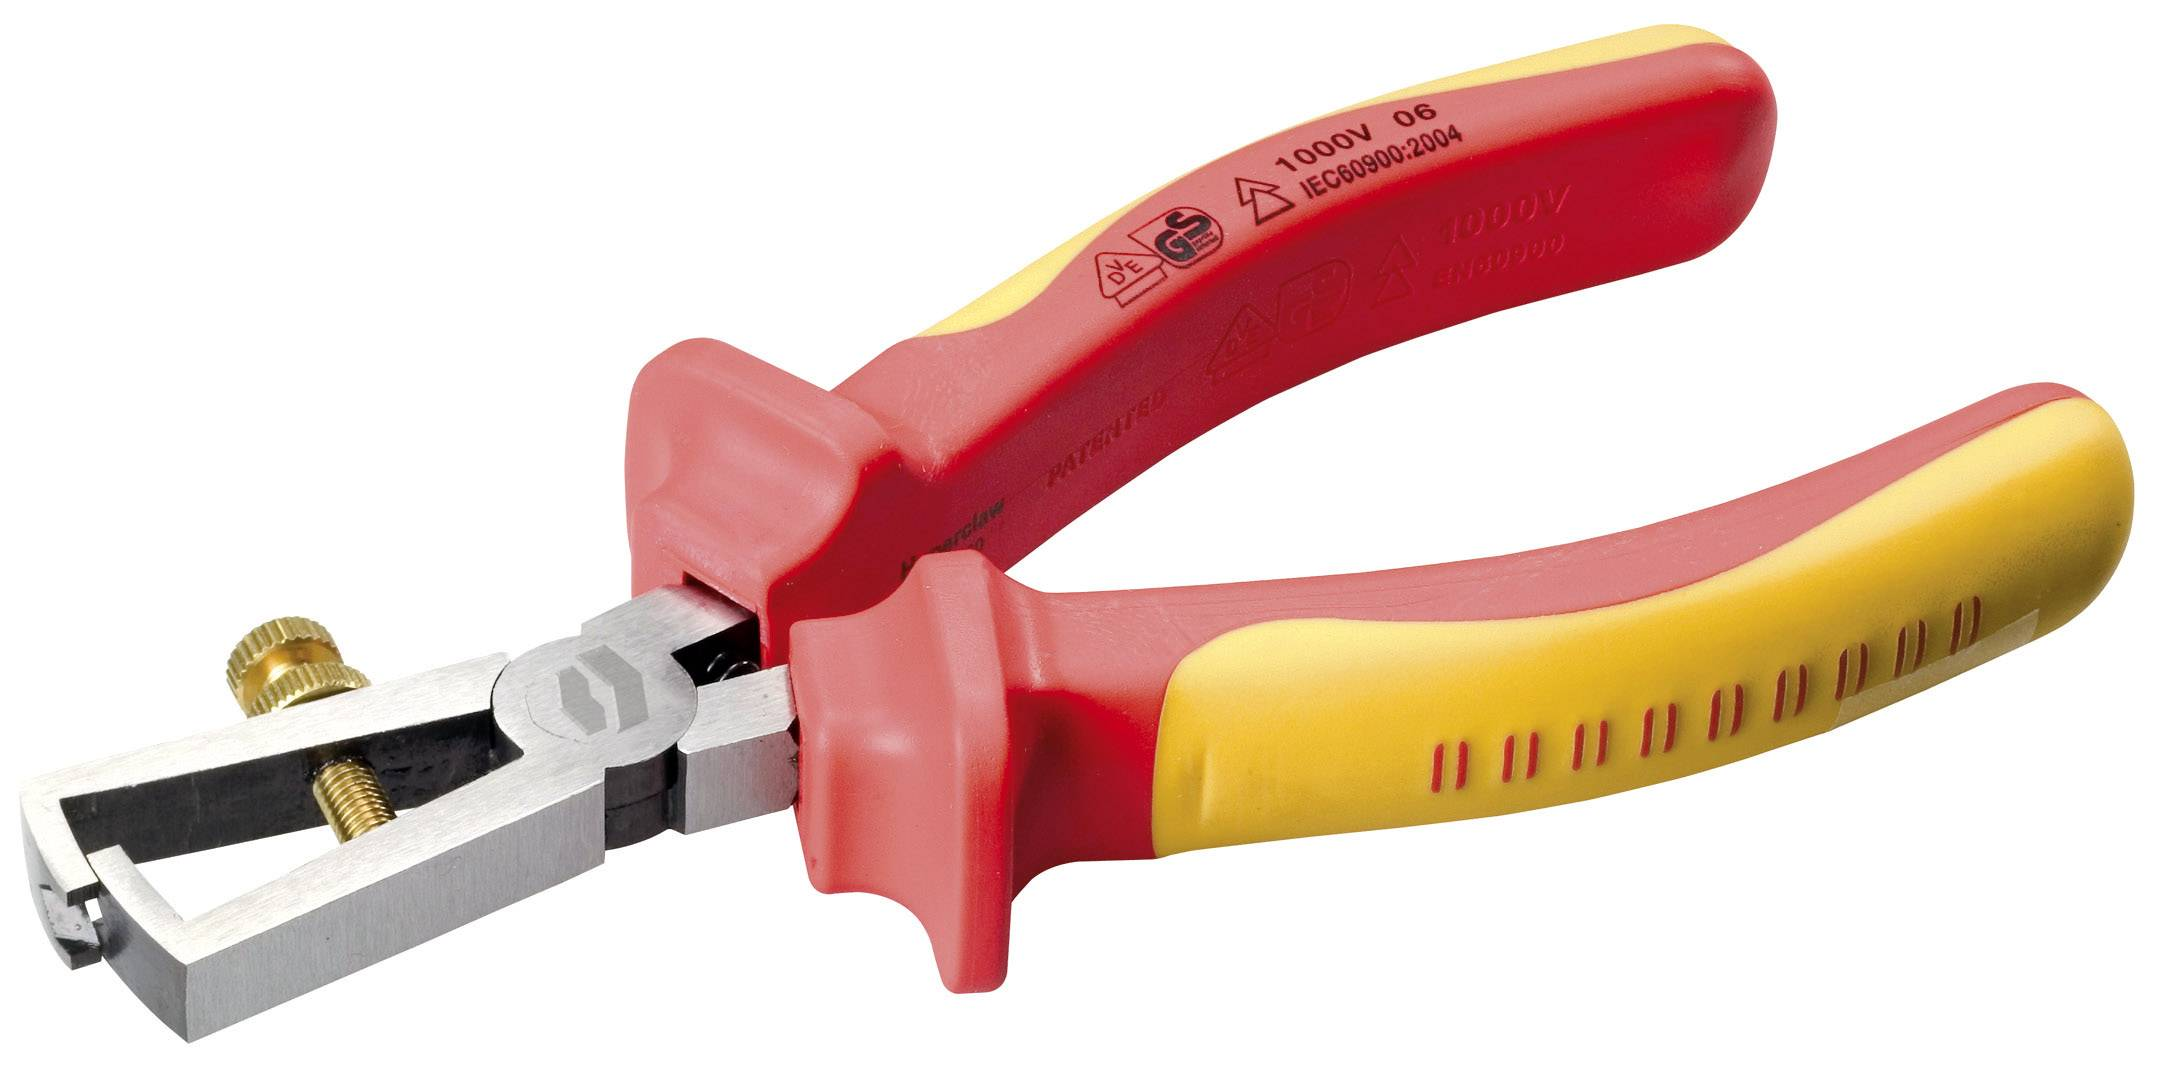 Odizolovací kleště VDE Toolcraft, Ø 5 mm, 10 mm²